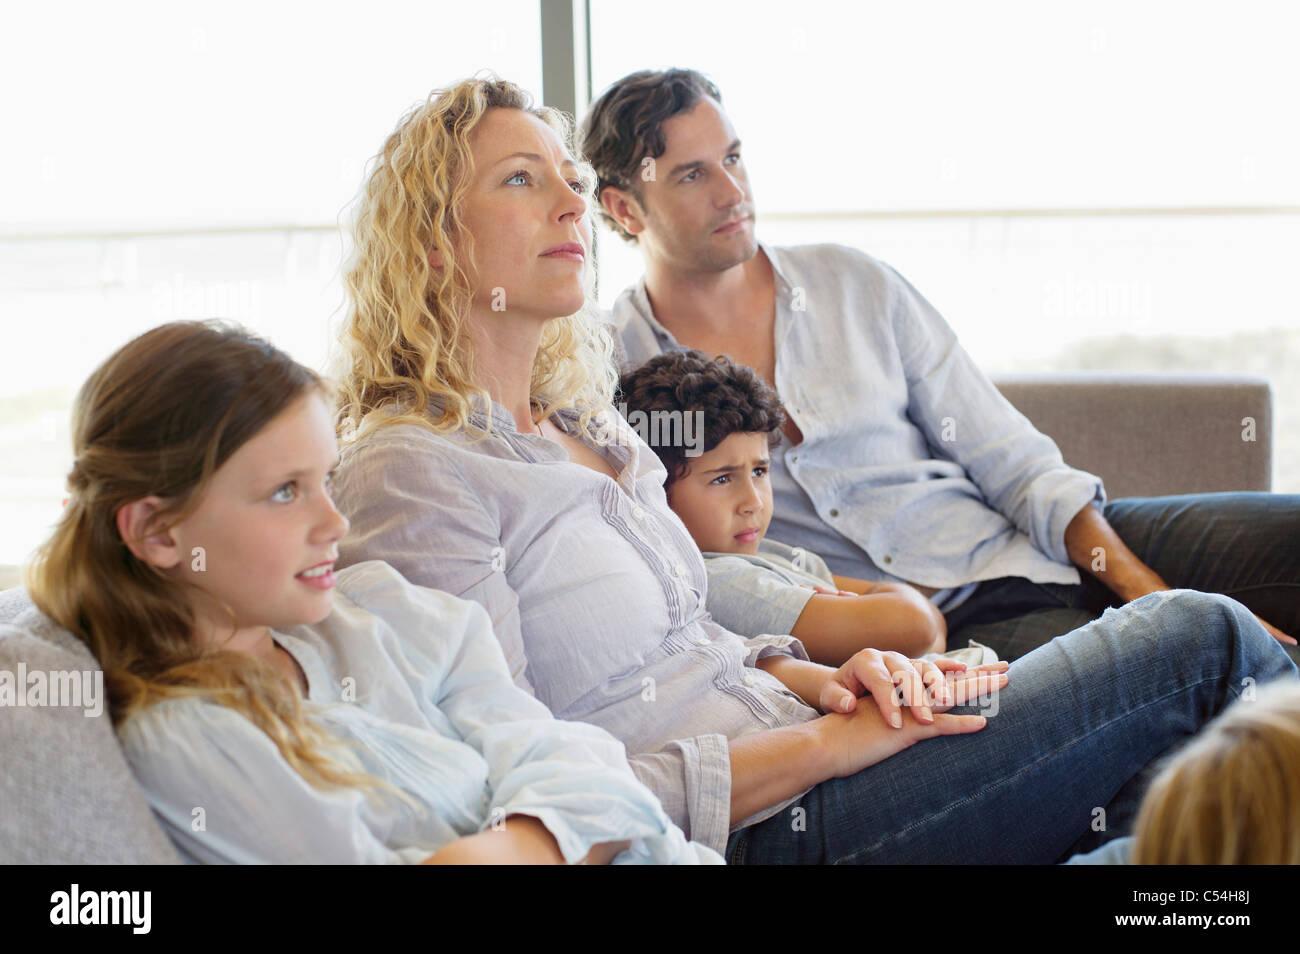 Famille avec trois enfants assis sur un canapé Banque D'Images